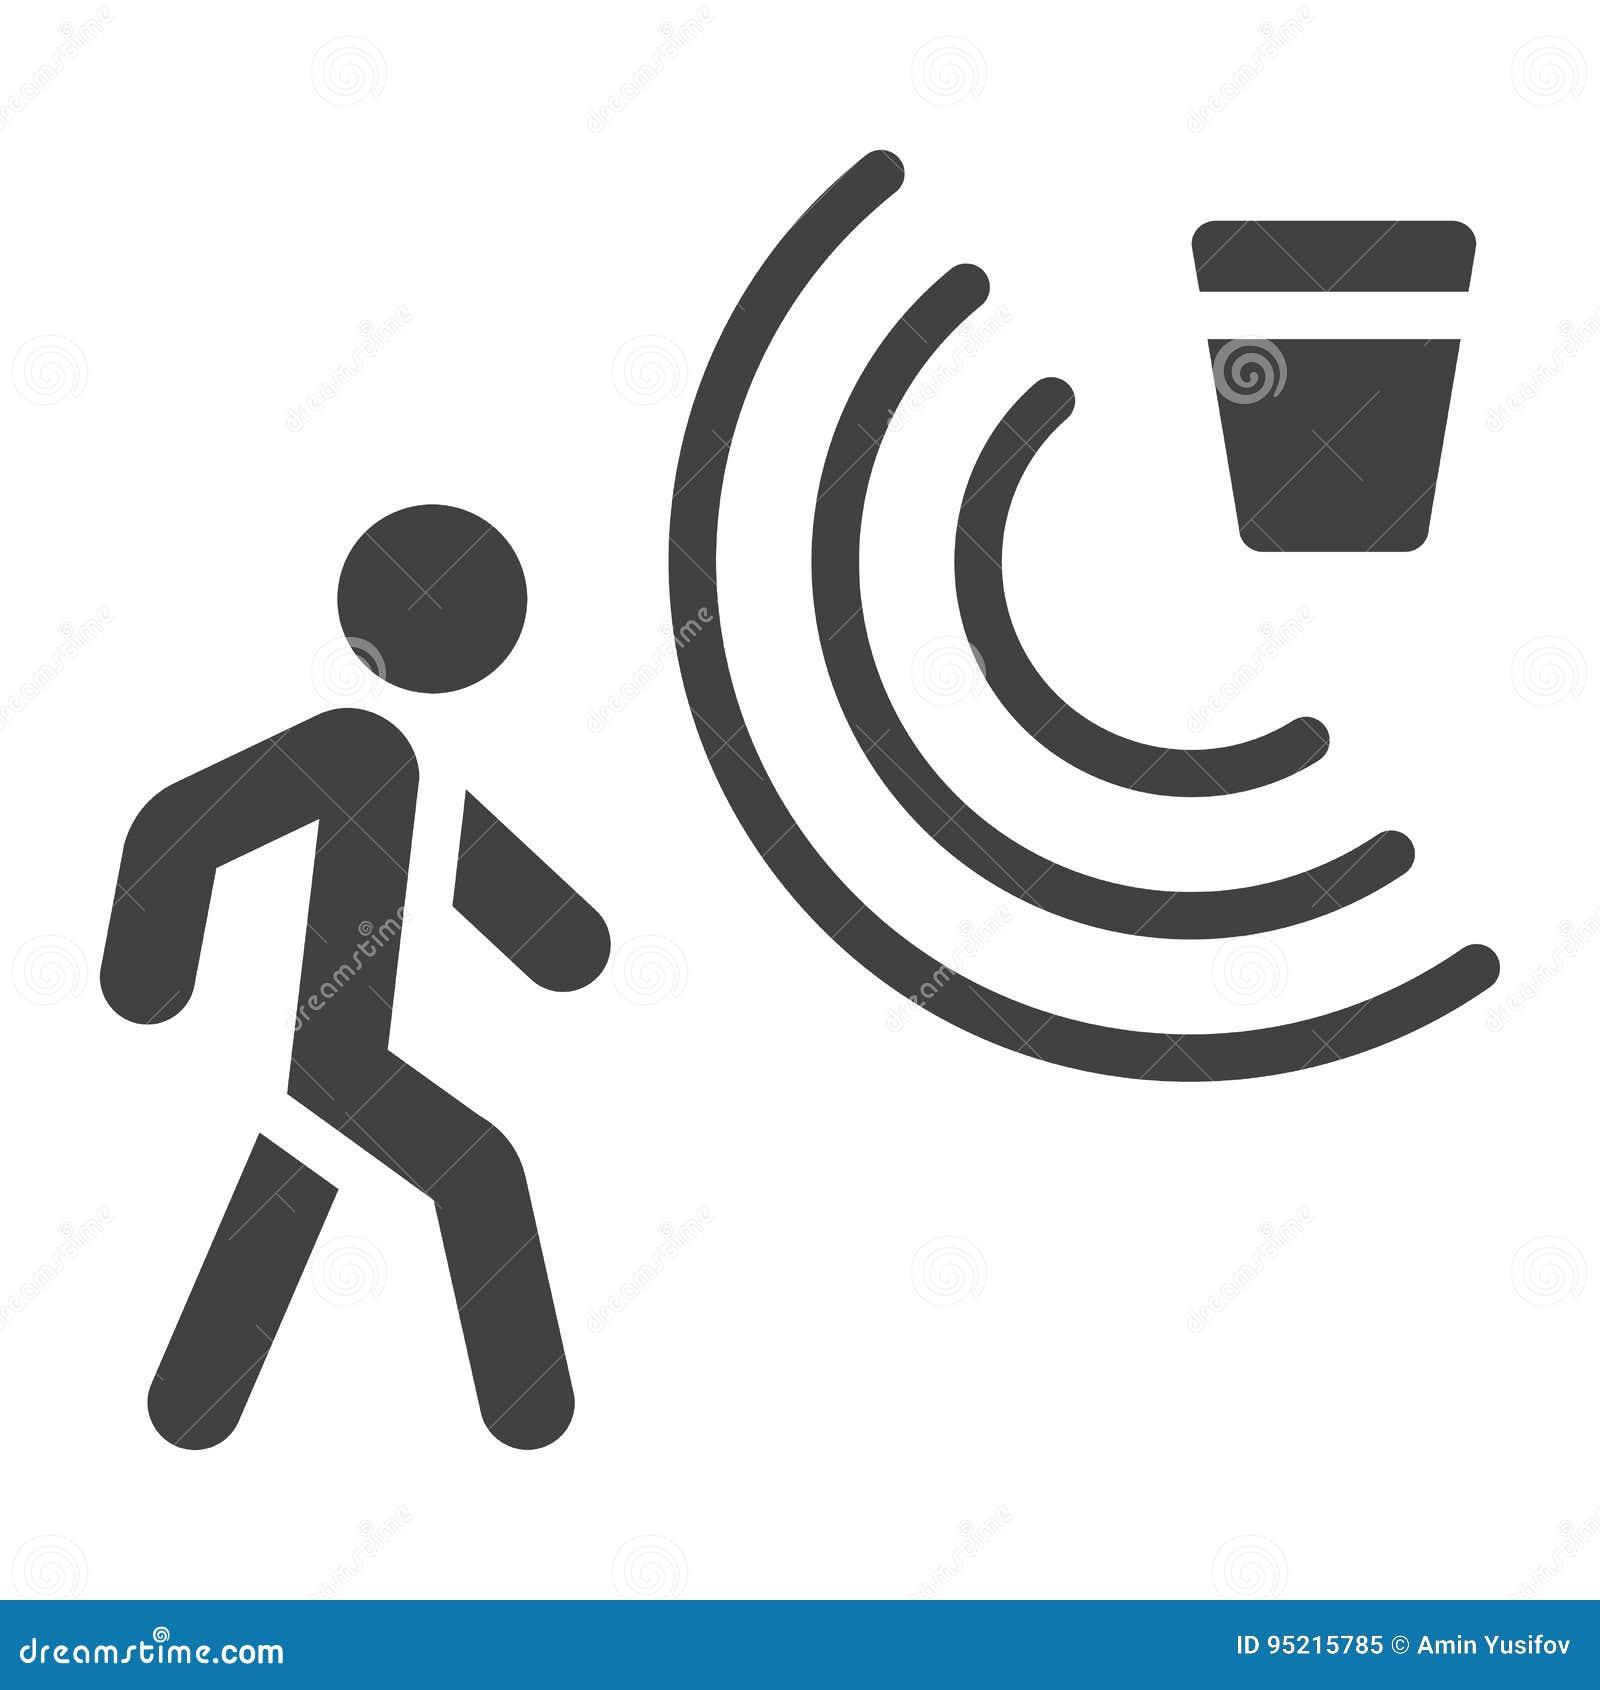 Fast symbol, säkerhet och vakt för rörelseavkännare